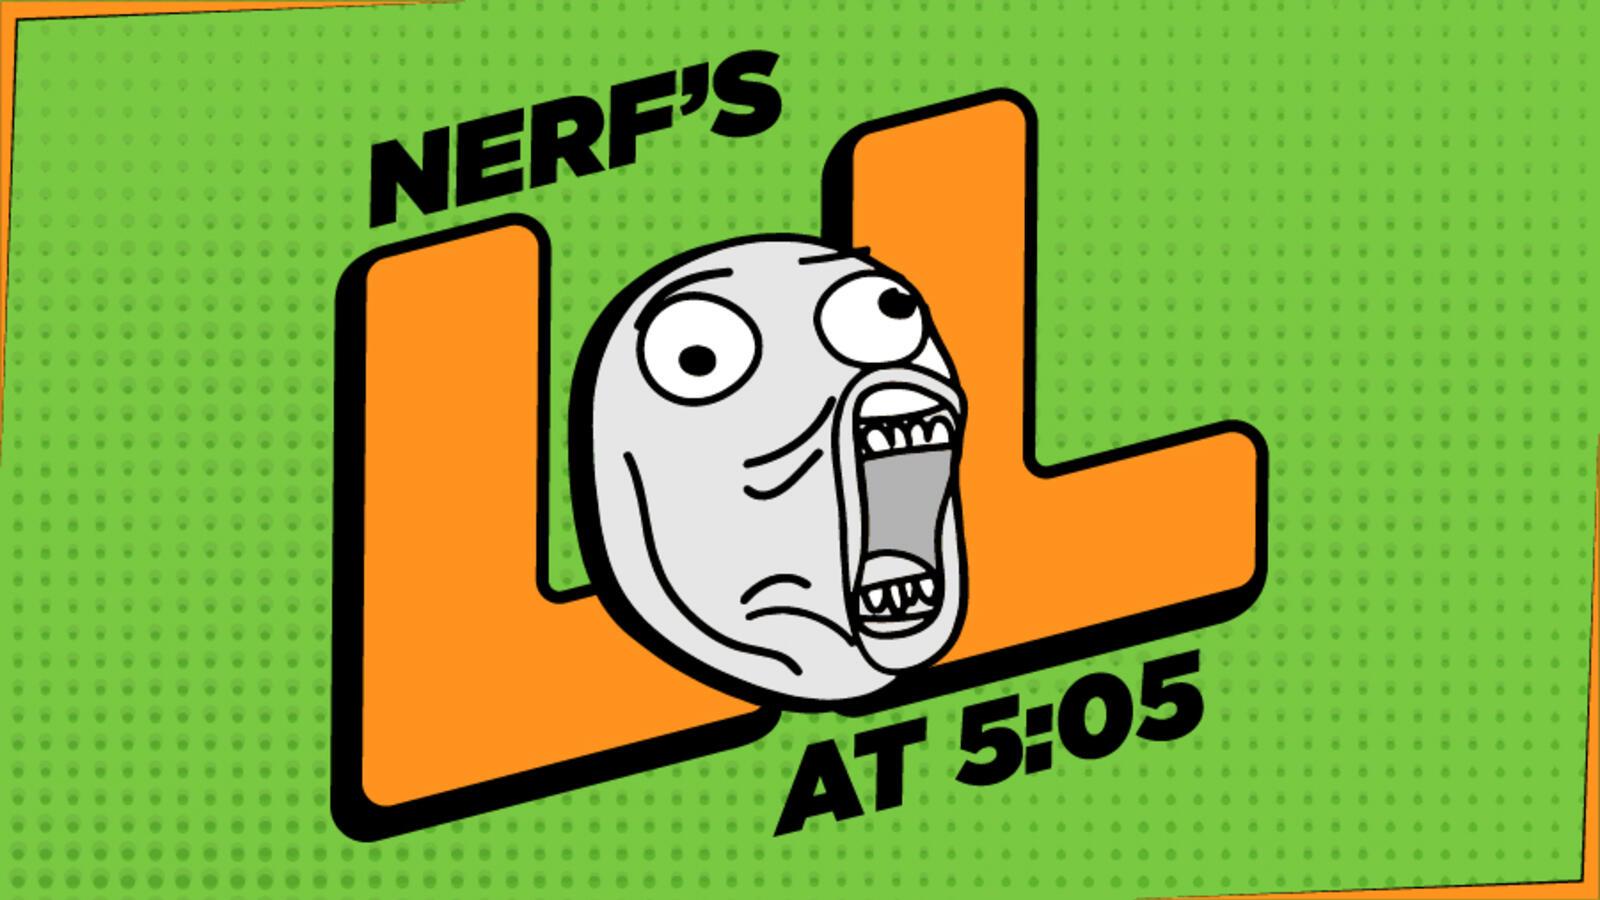 Nerf's LOL @ 5:05 - Slutty Corona Virus